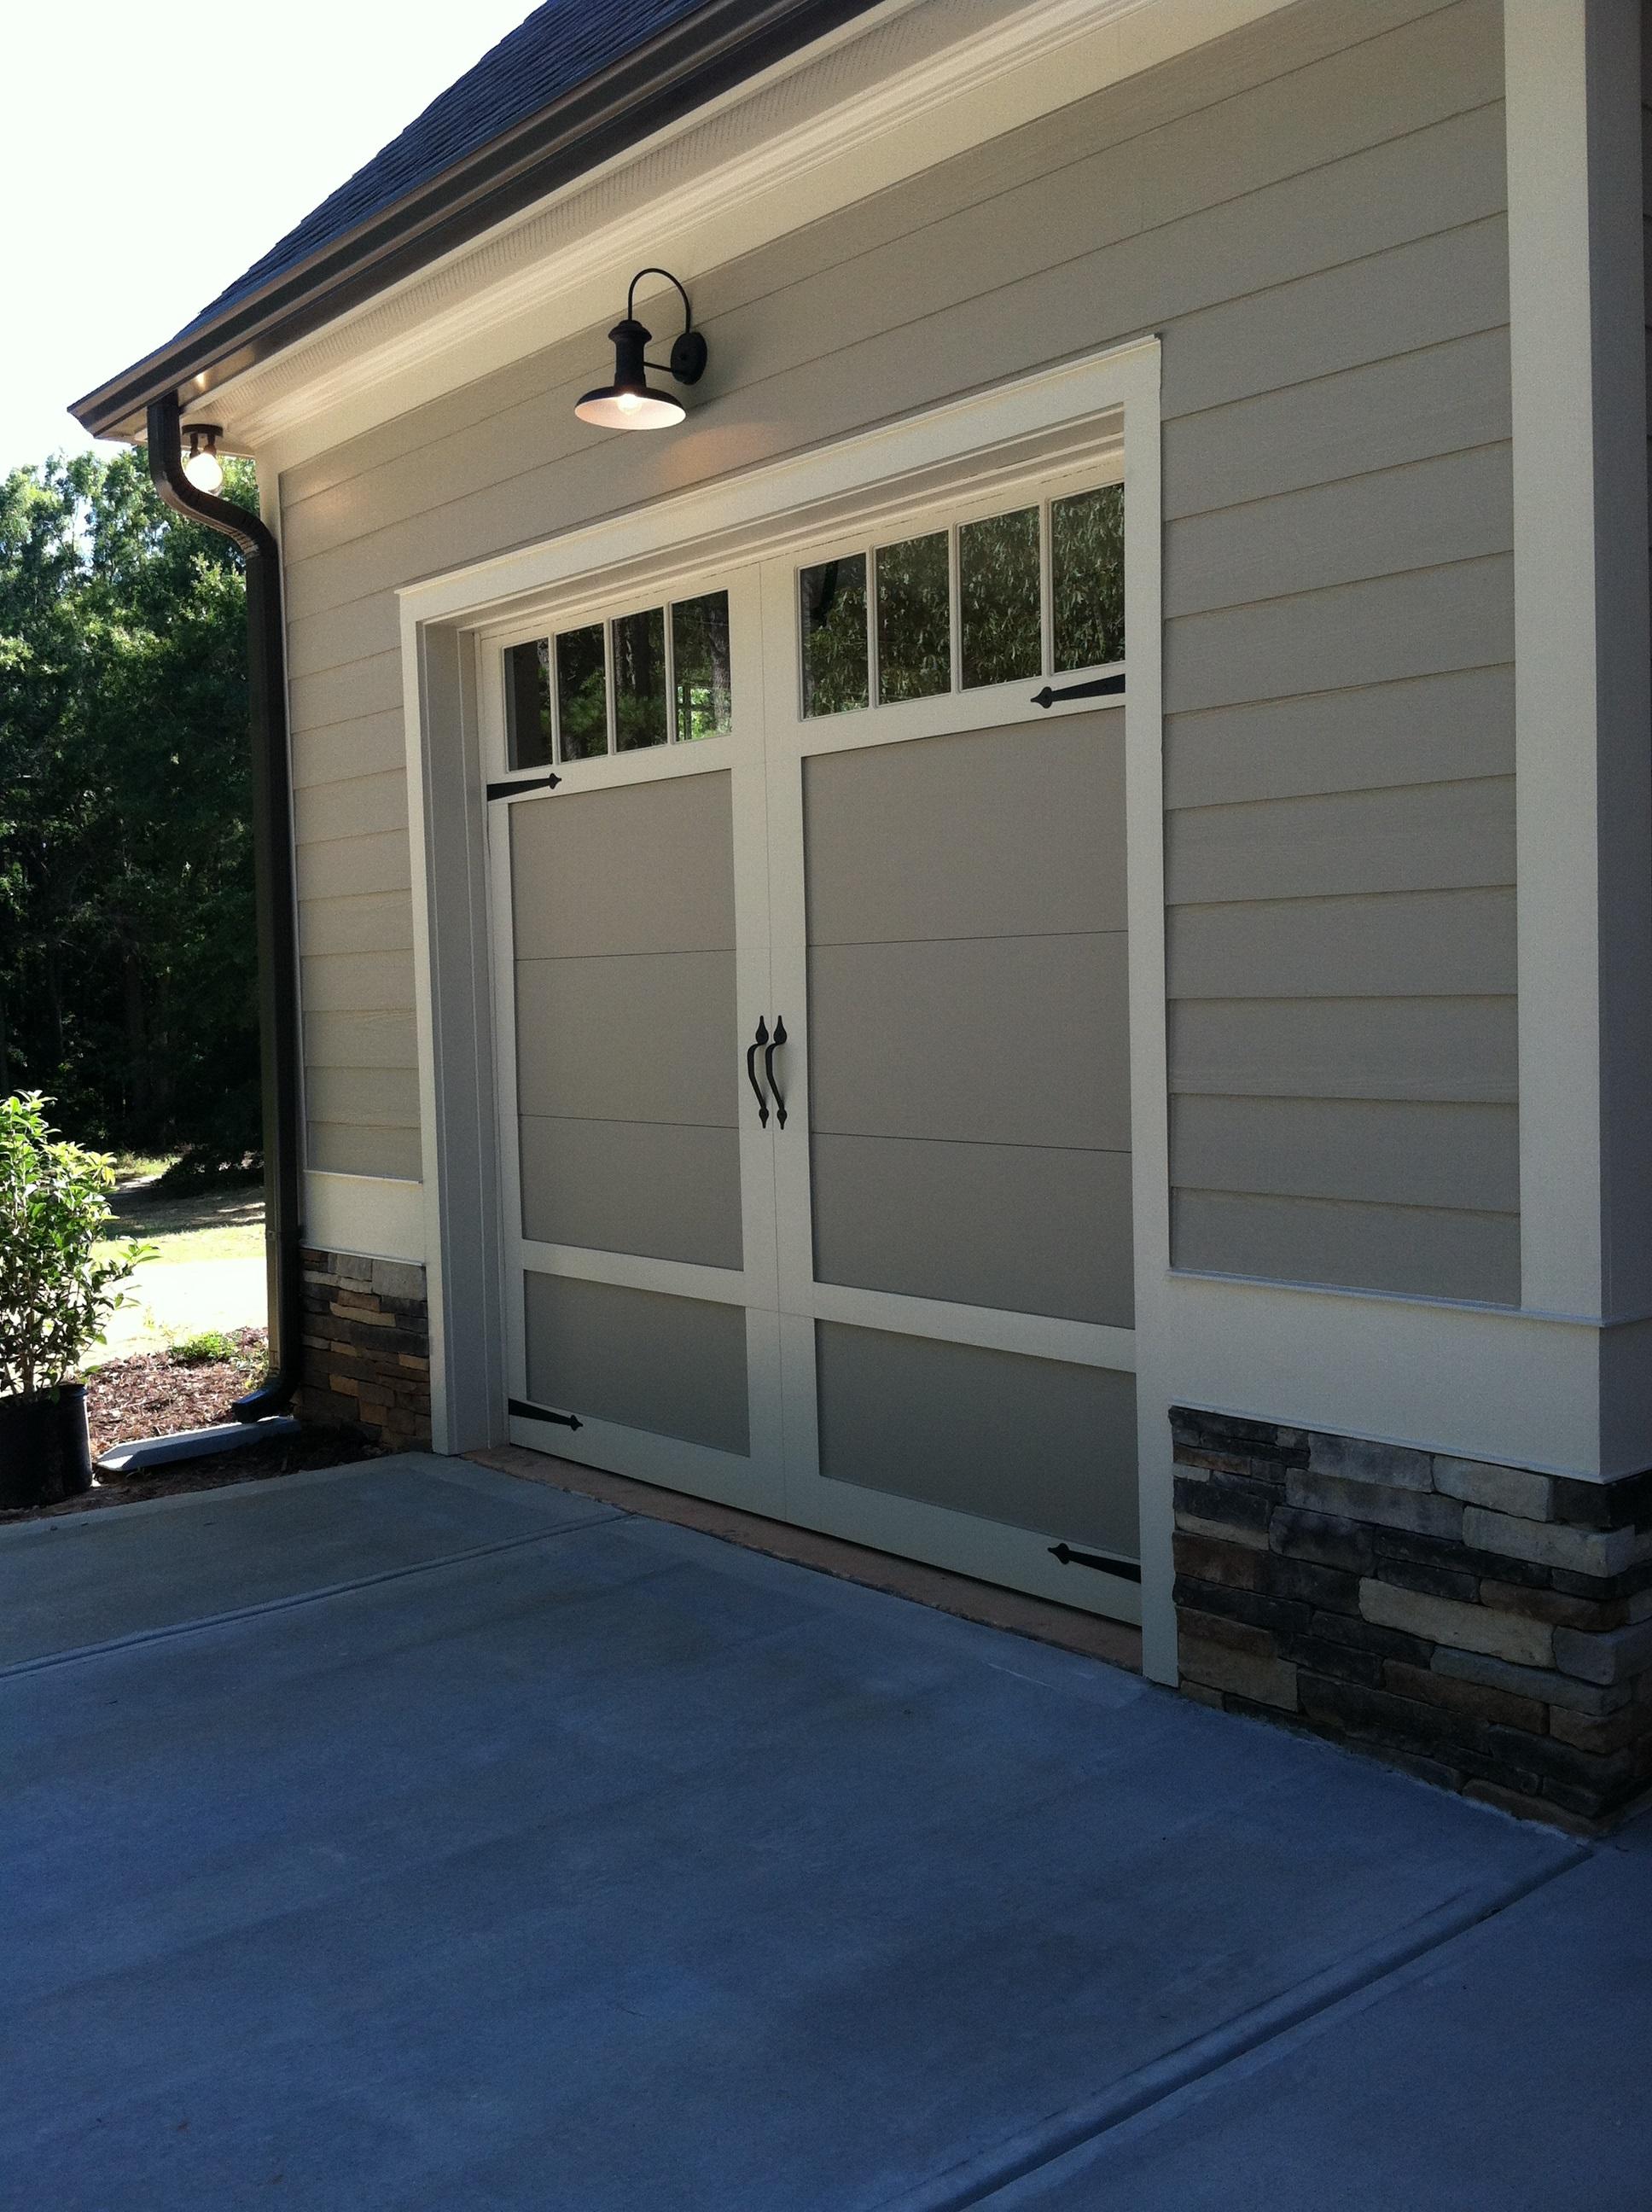 2592 #599932 Garage Door Companies Copy.JPG picture/photo Garage Doors Companies 36091936